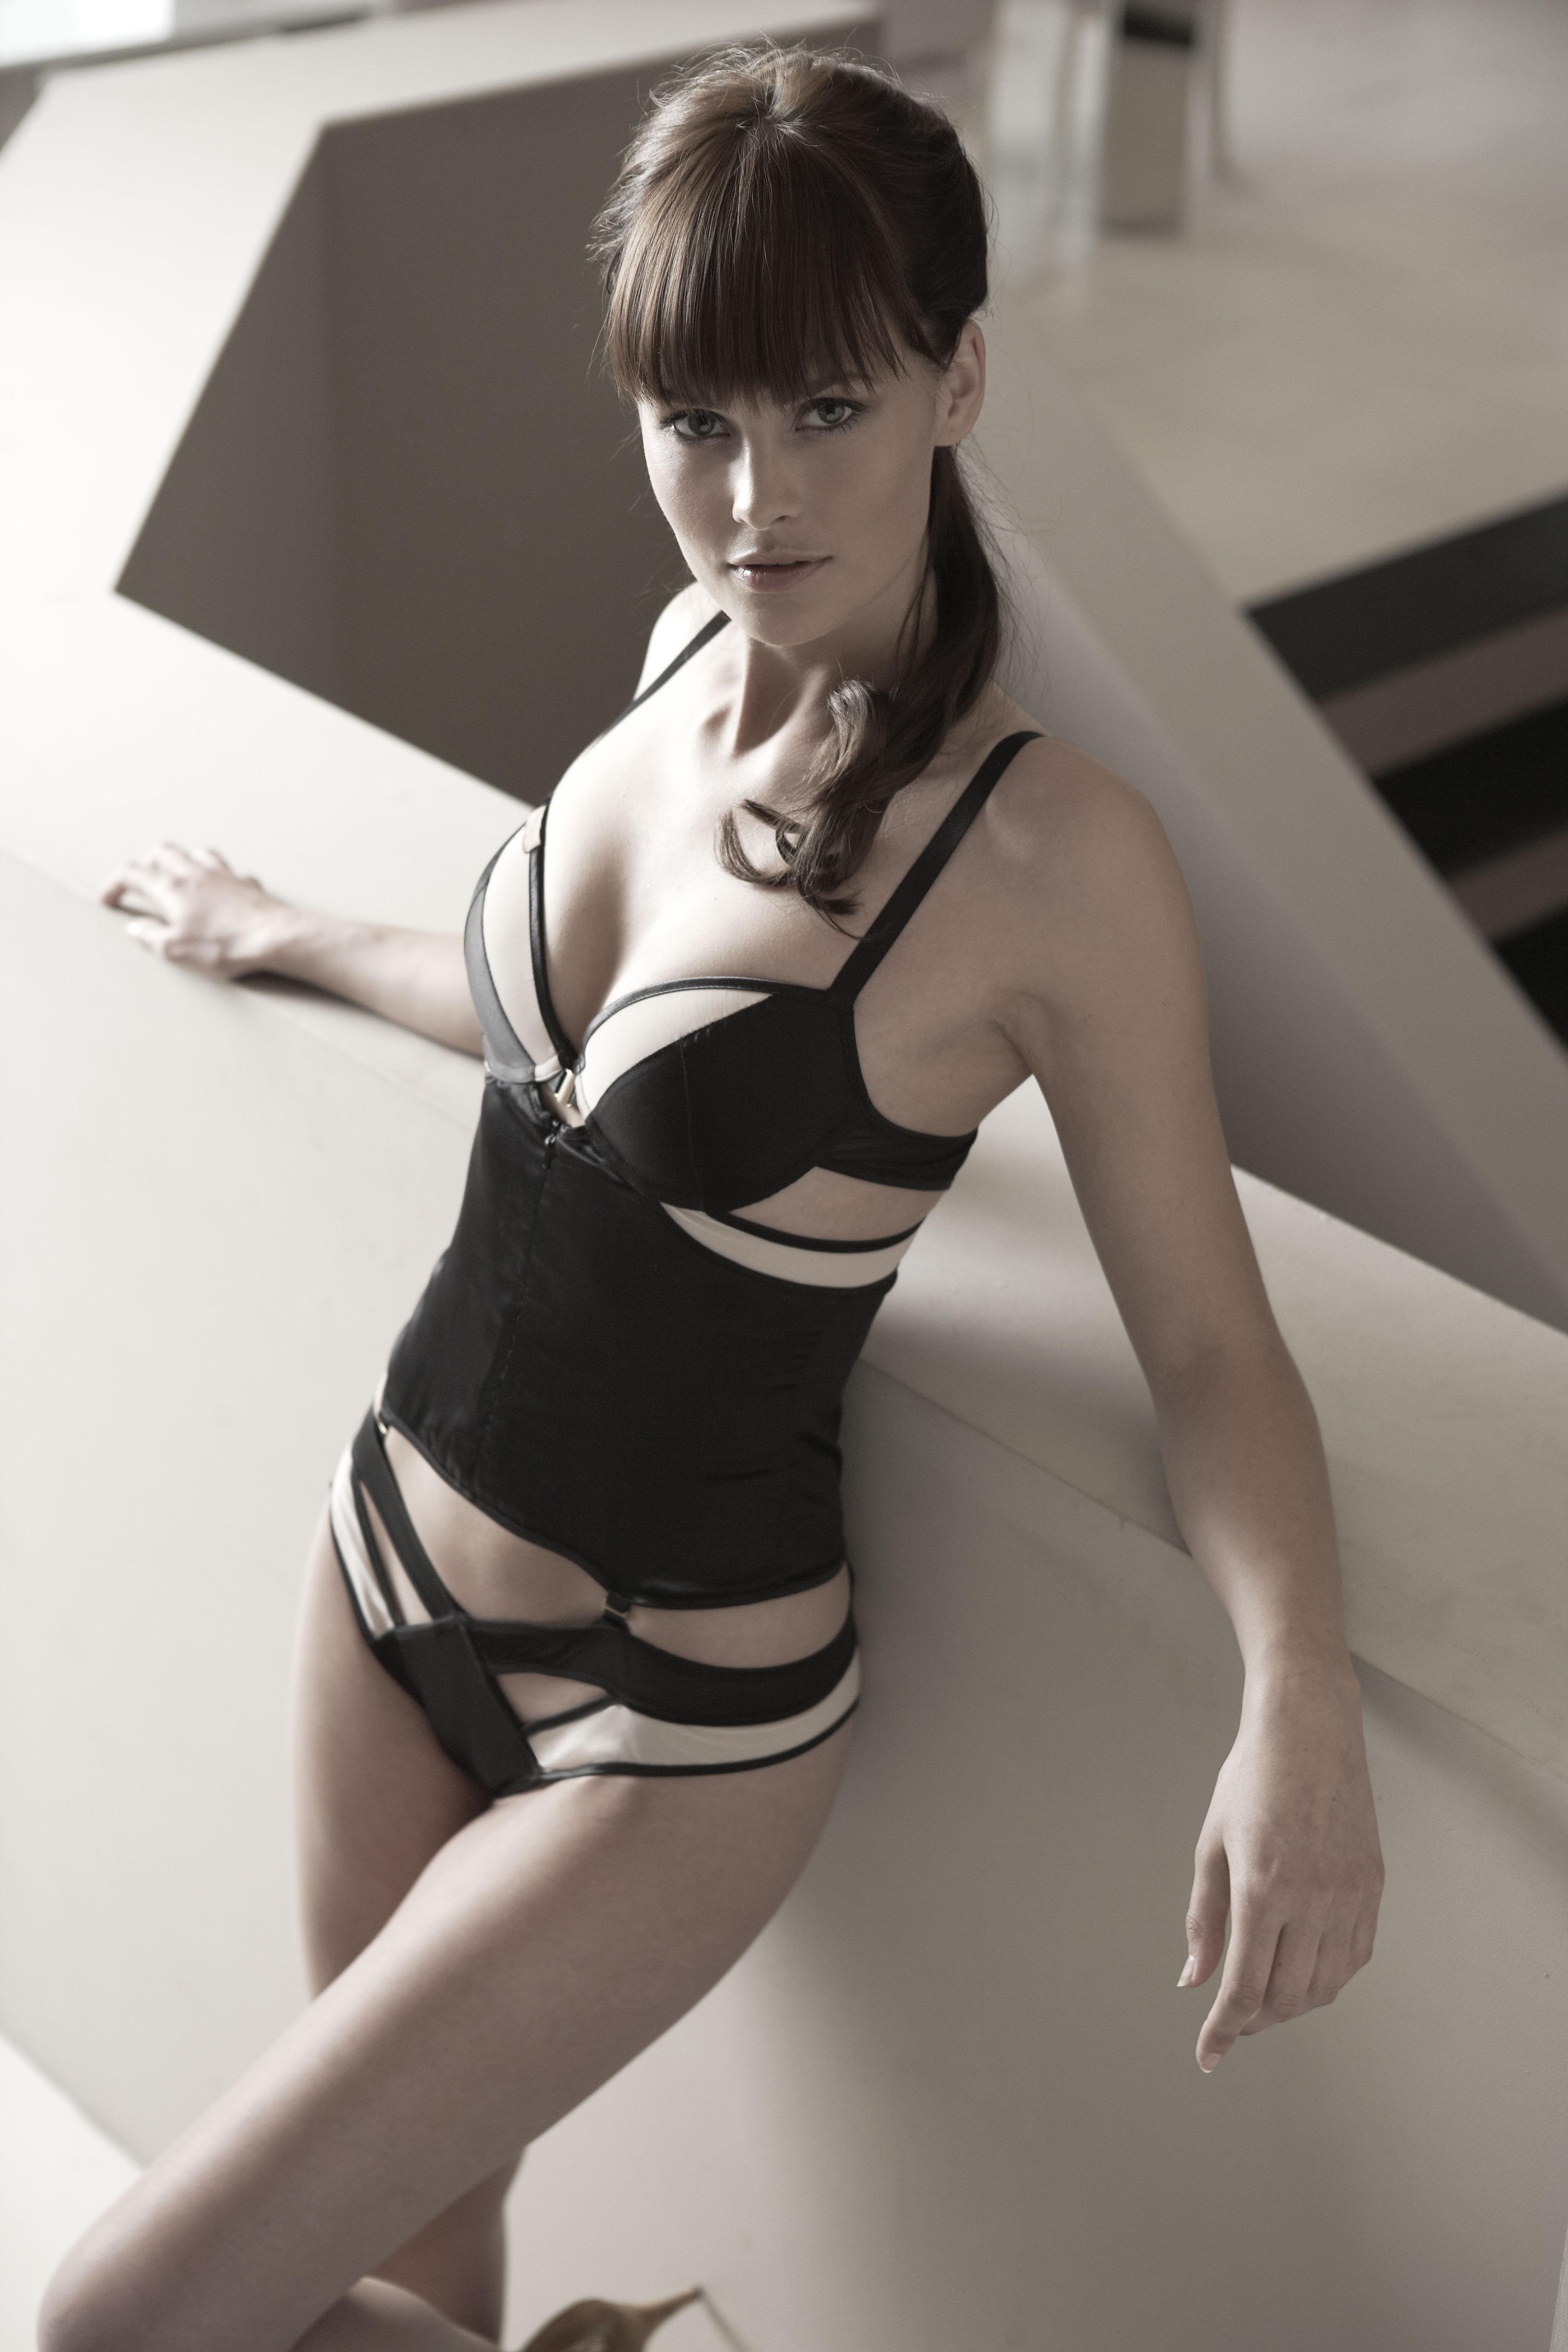 Jasmin Savoy Brown Nude Photos and Videos forecasting